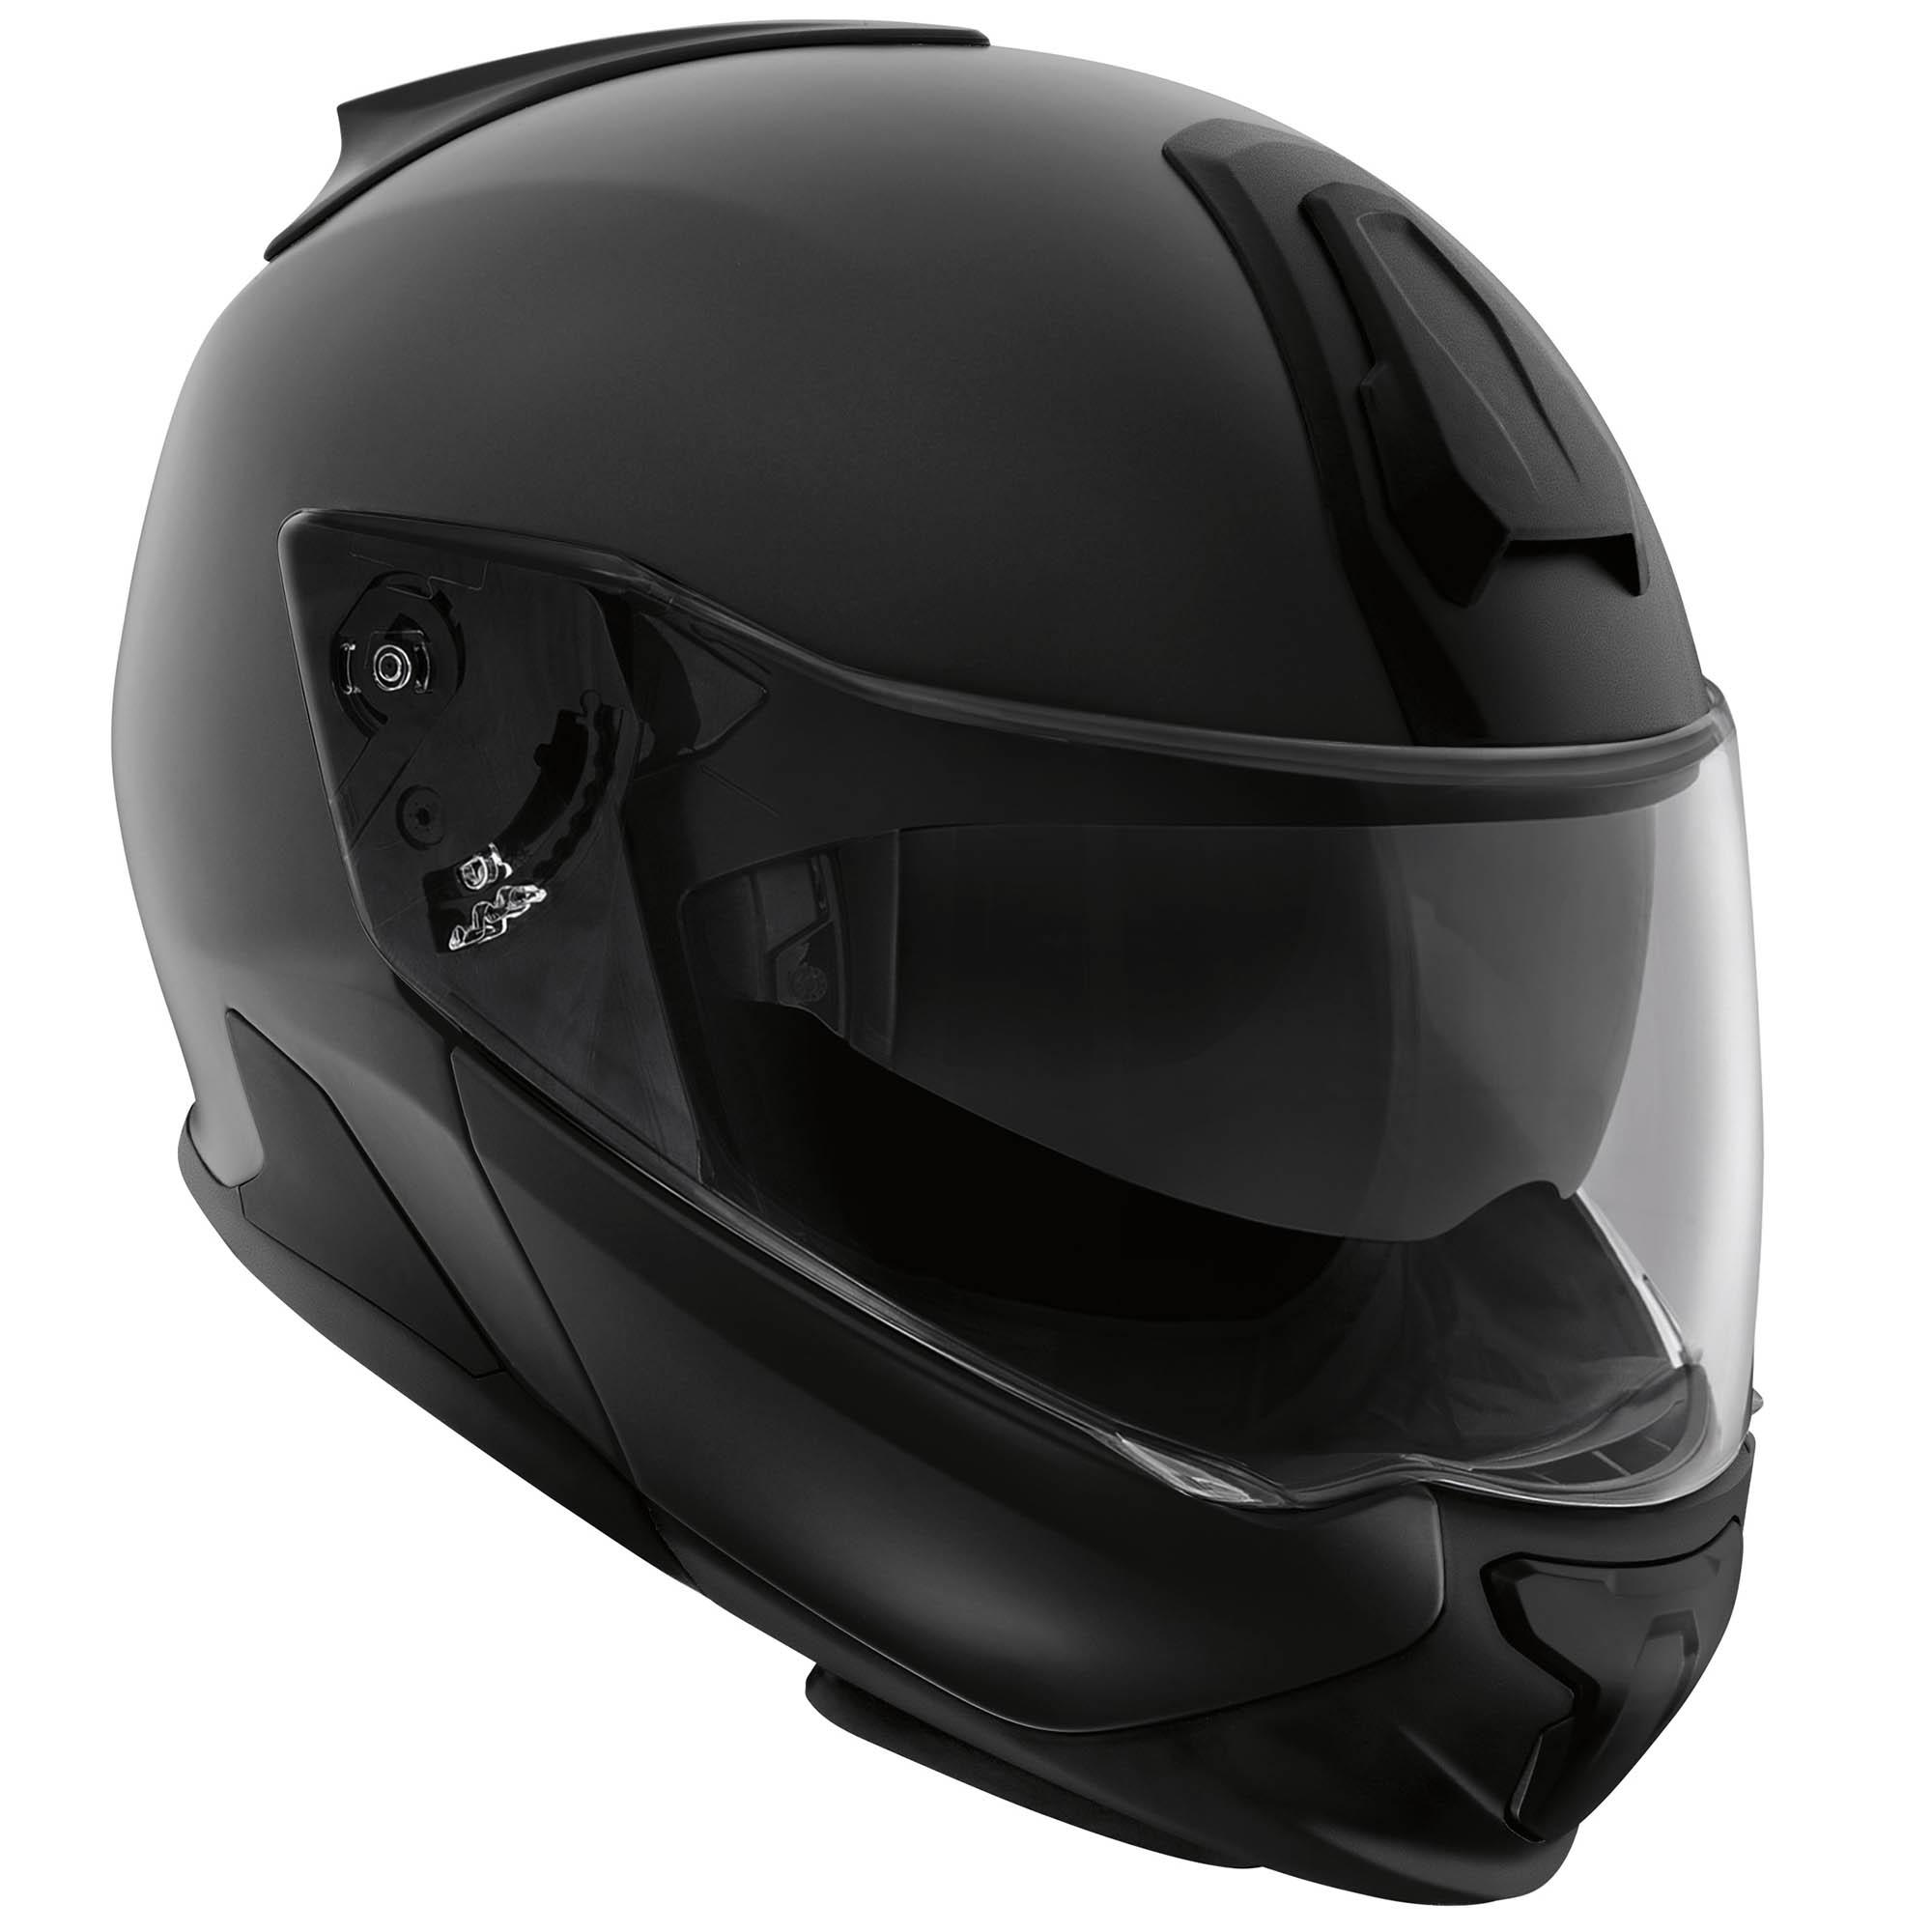 Casco de moto Helmet Graphit